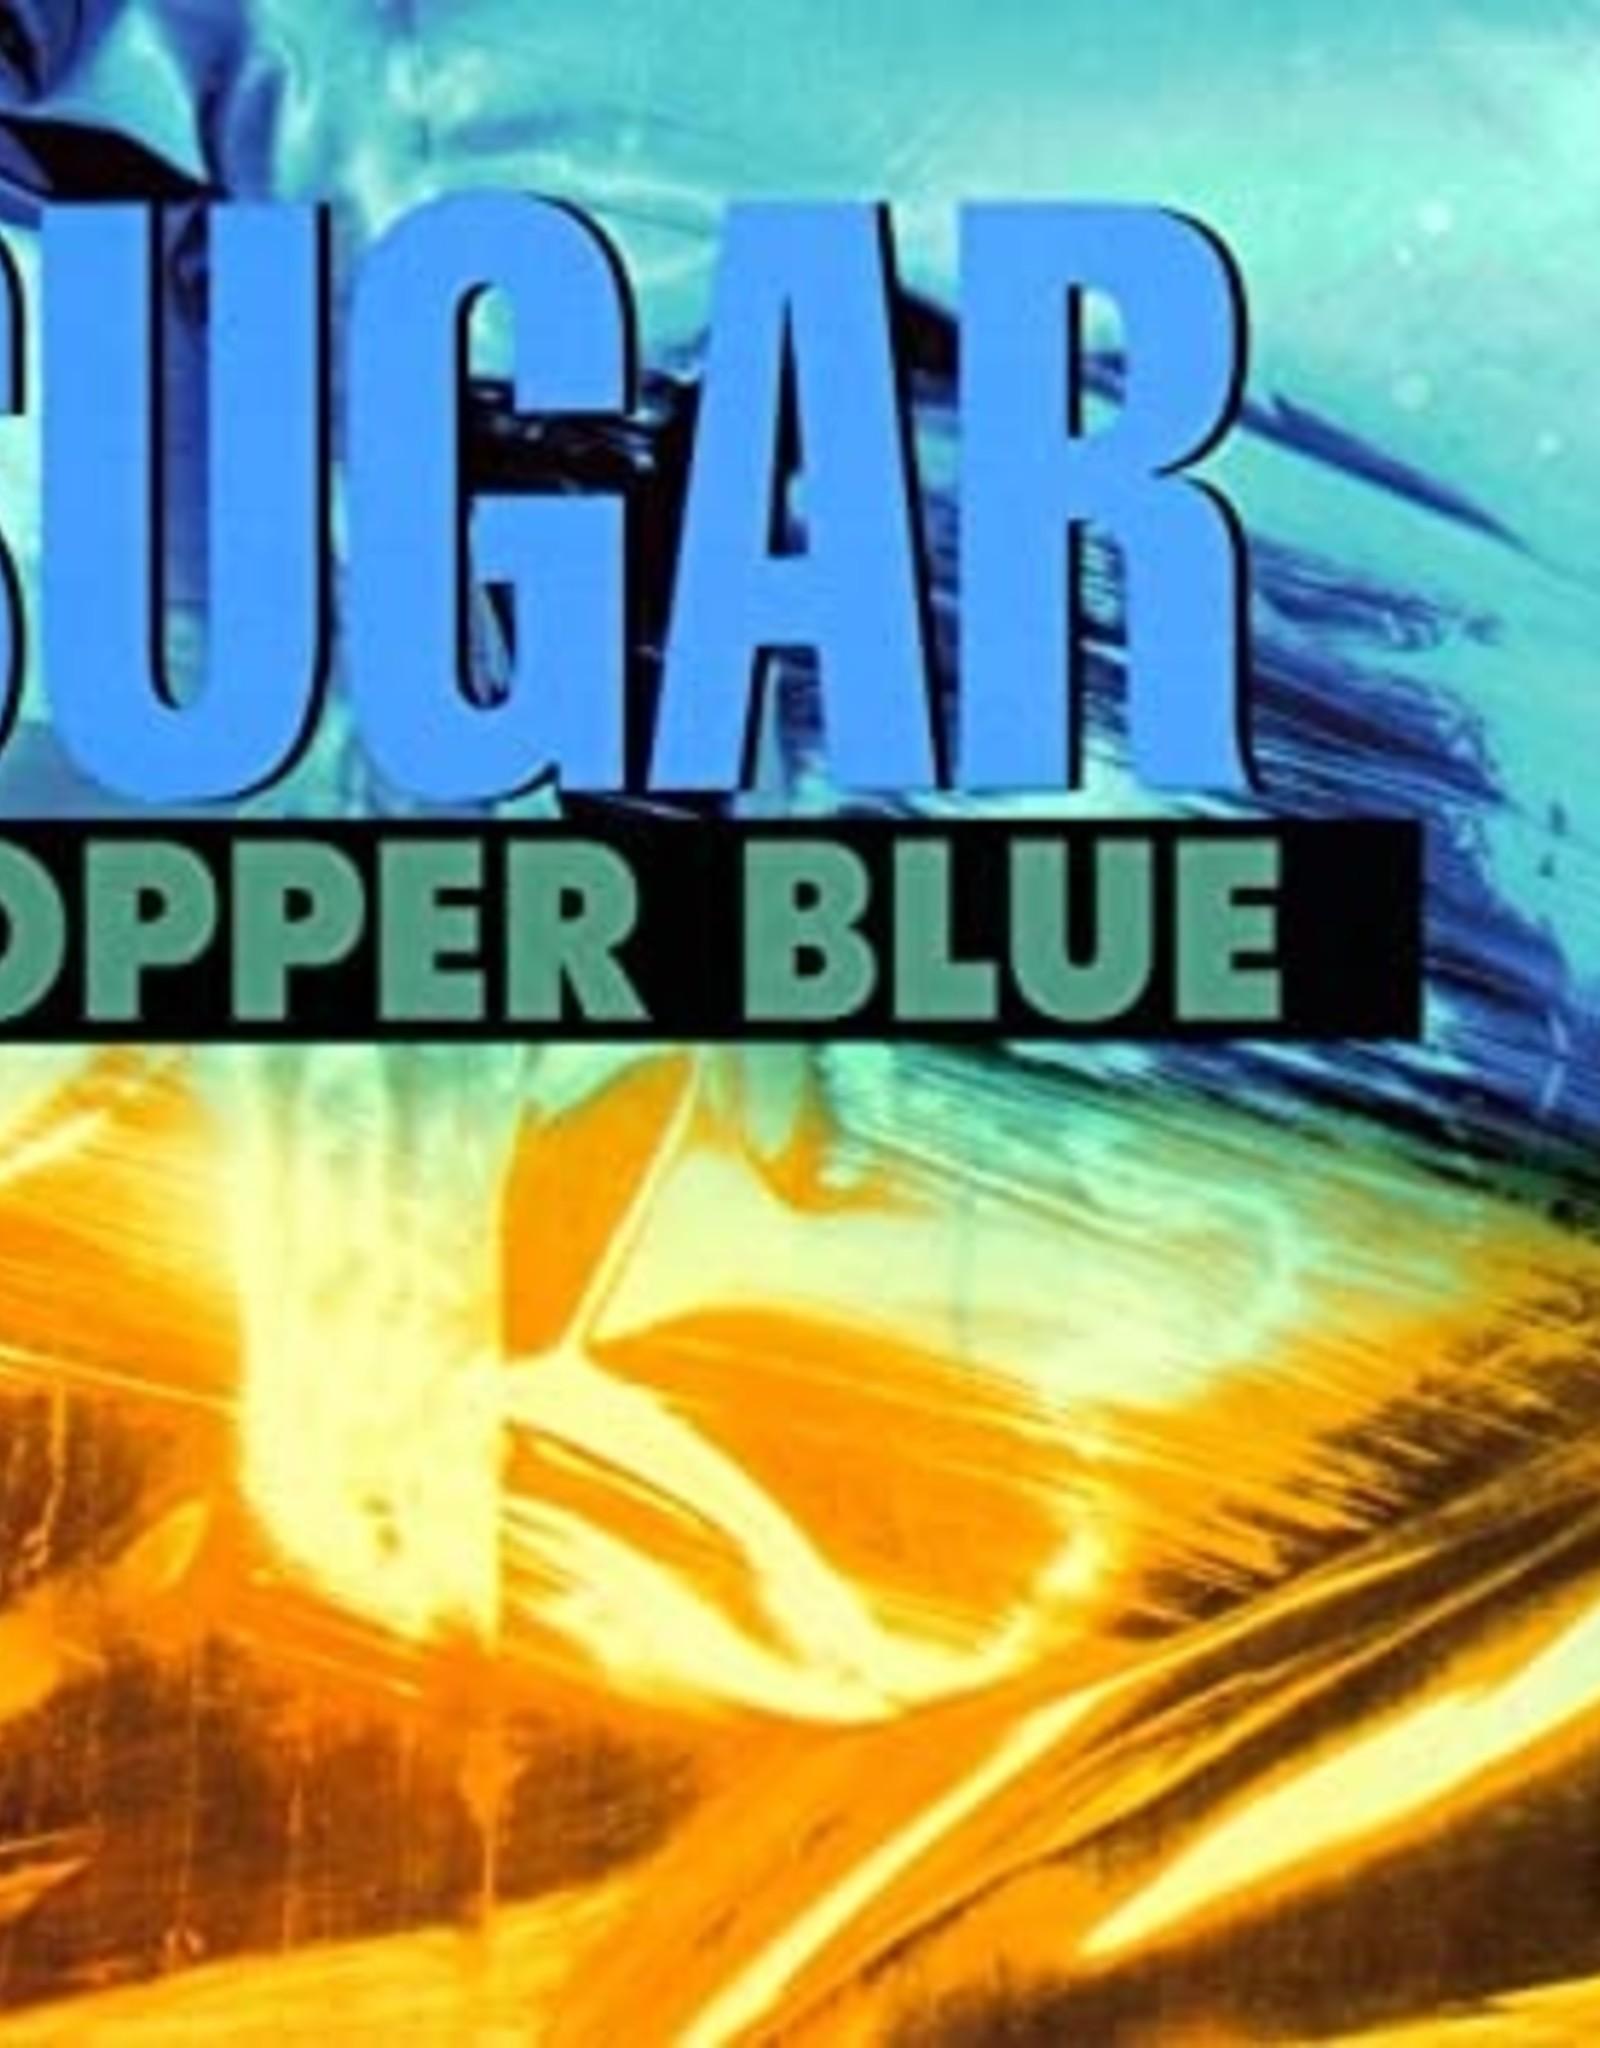 Sugar - Copper Blue / Beaster